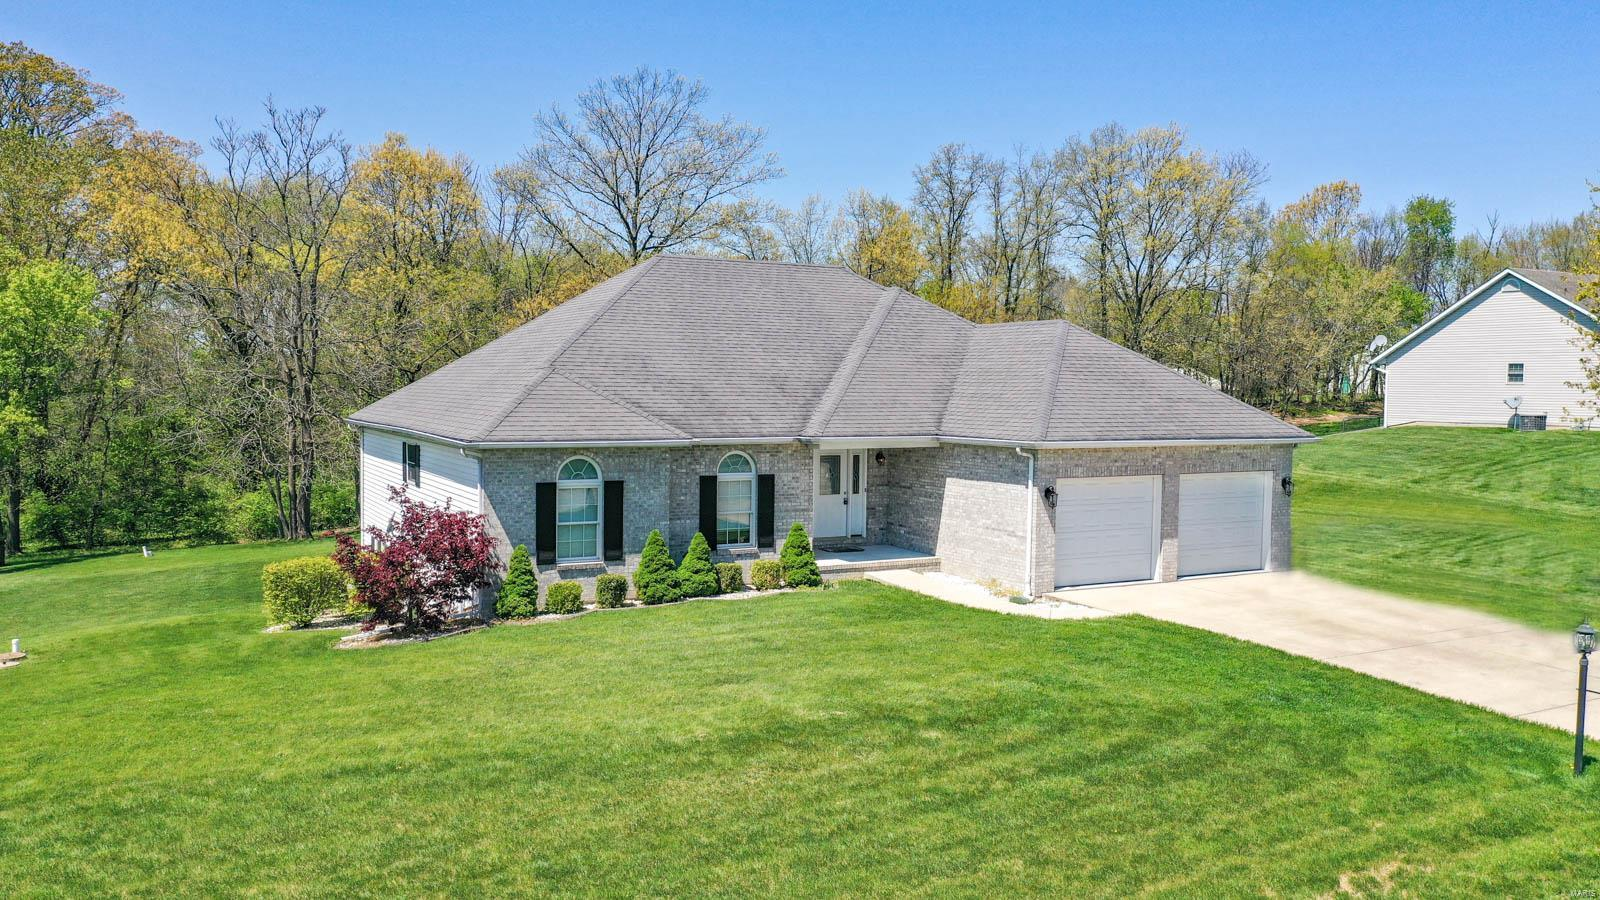 9204 Ebbie Drive Property Photo - Brighton, IL real estate listing